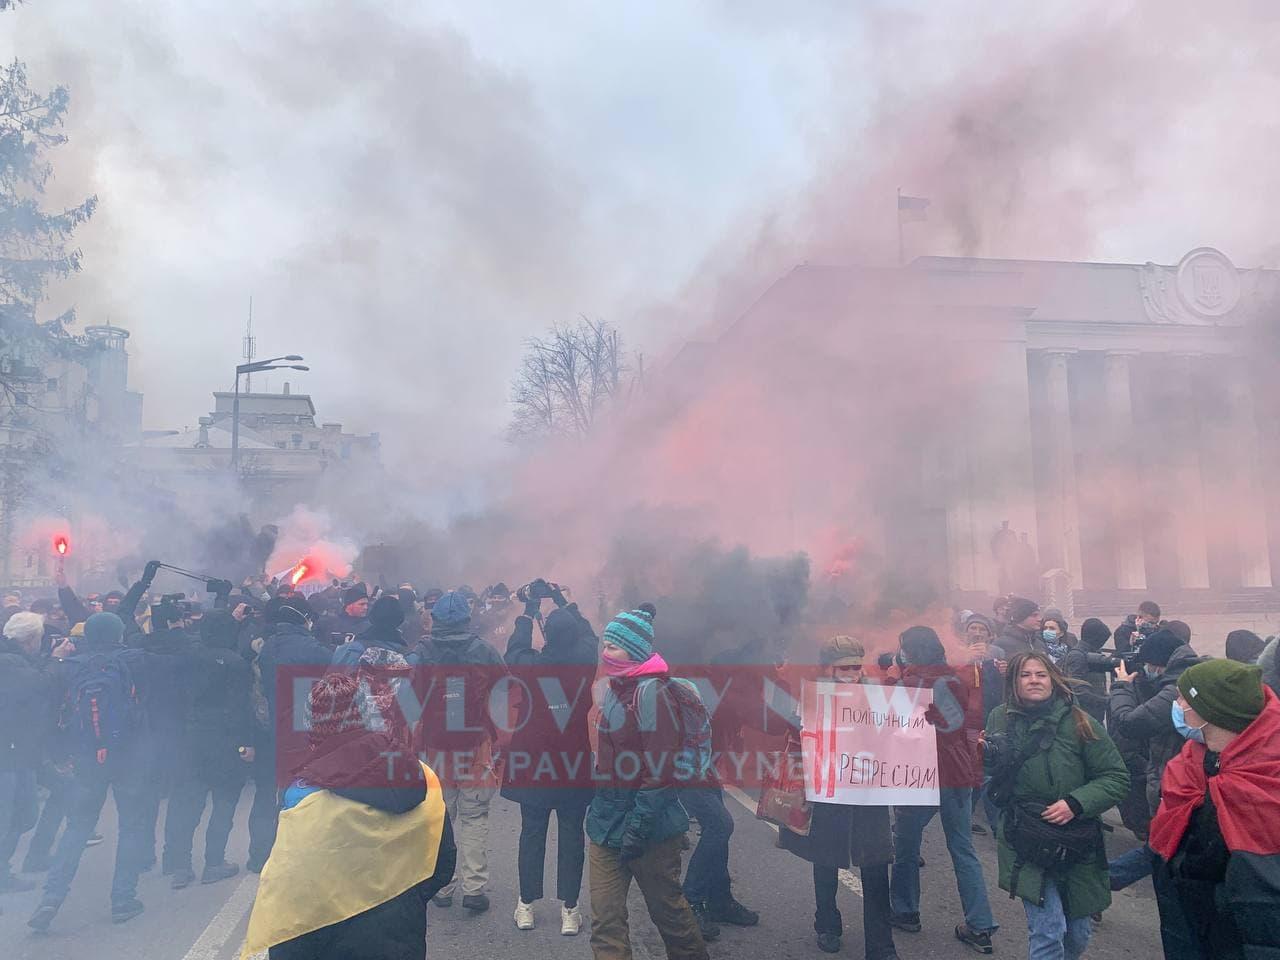 У Києві активісти на підтримку Стерненка крокують до Генпрокуратури: уся колона в диму (фото) - фото 10